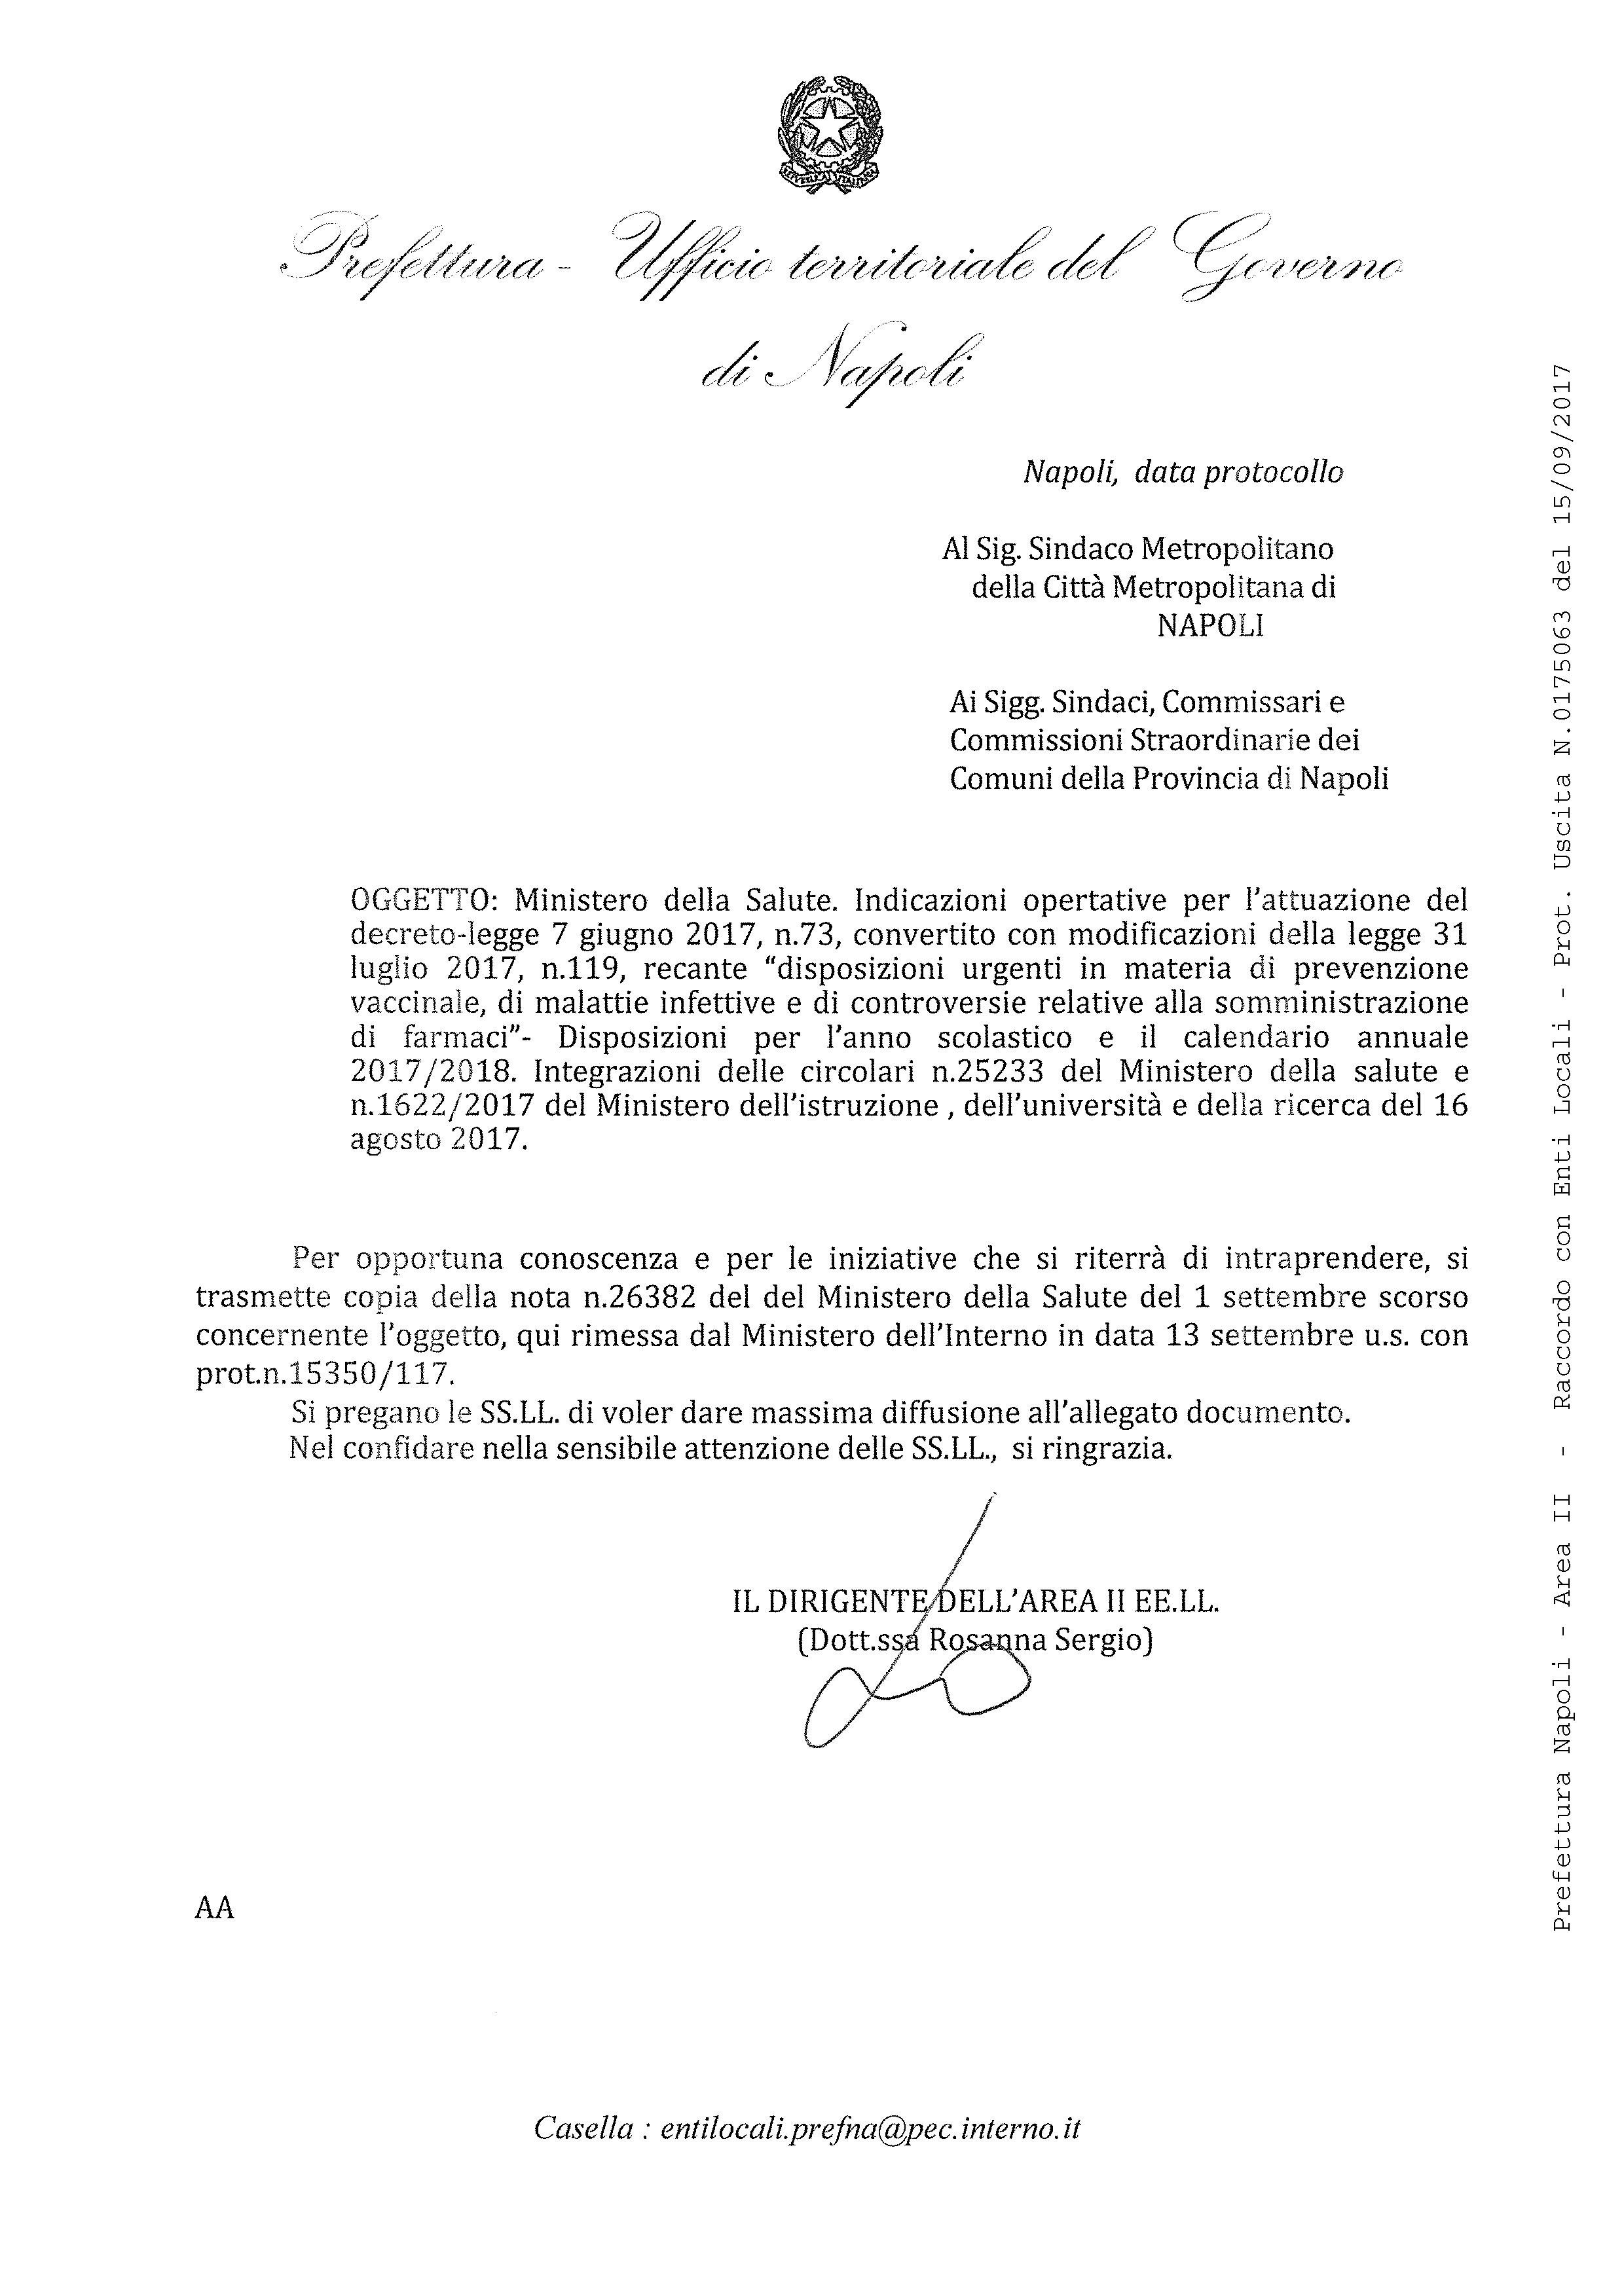 Nota Ministero della Salute 26382_Pagina_1